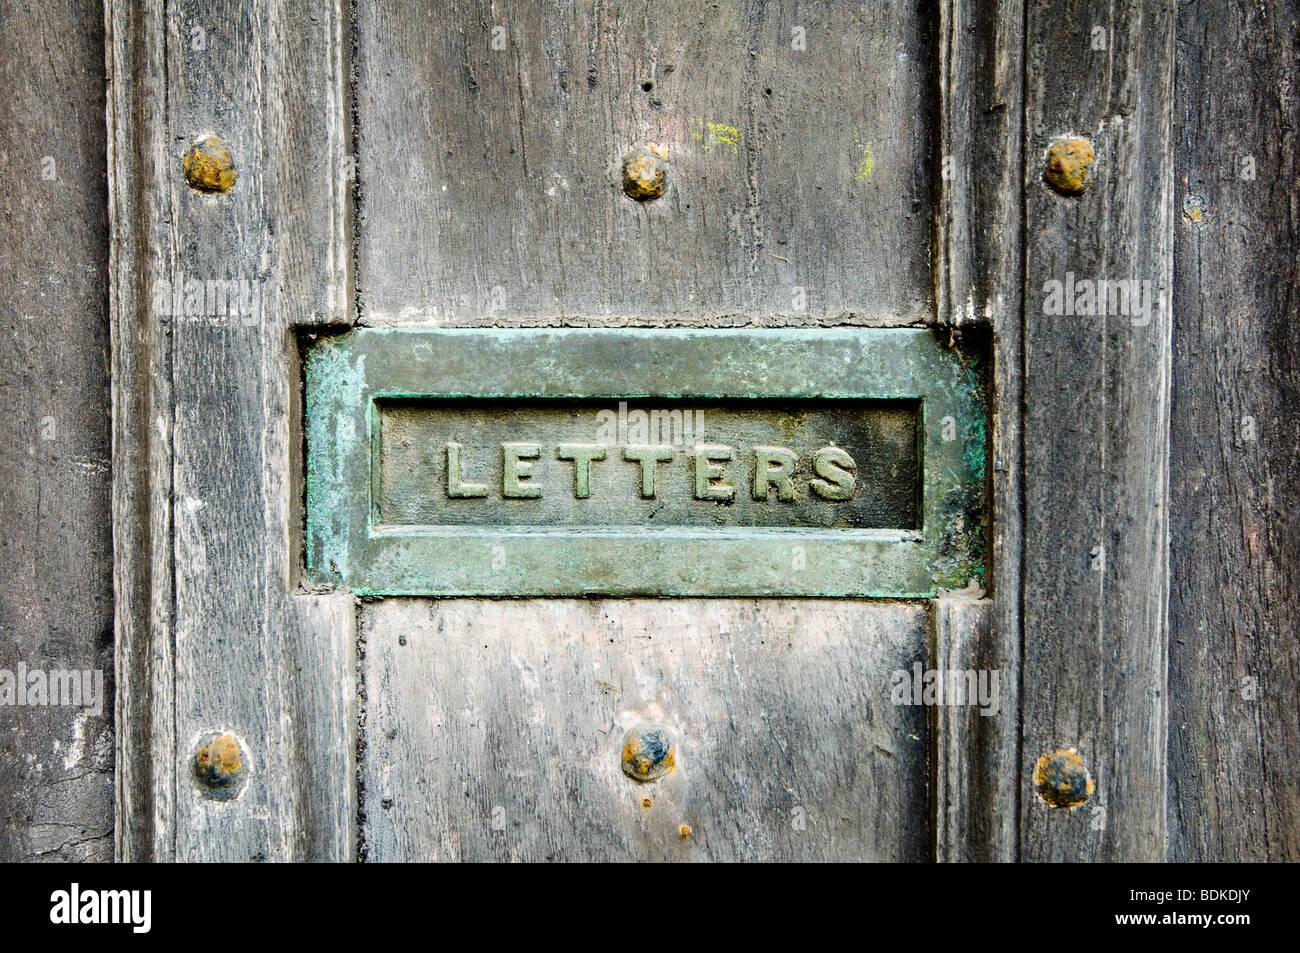 Un letter box, con una patina verdigris, inset in un vecchio e stagionato porta in legno di quercia, con chiodi Immagini Stock